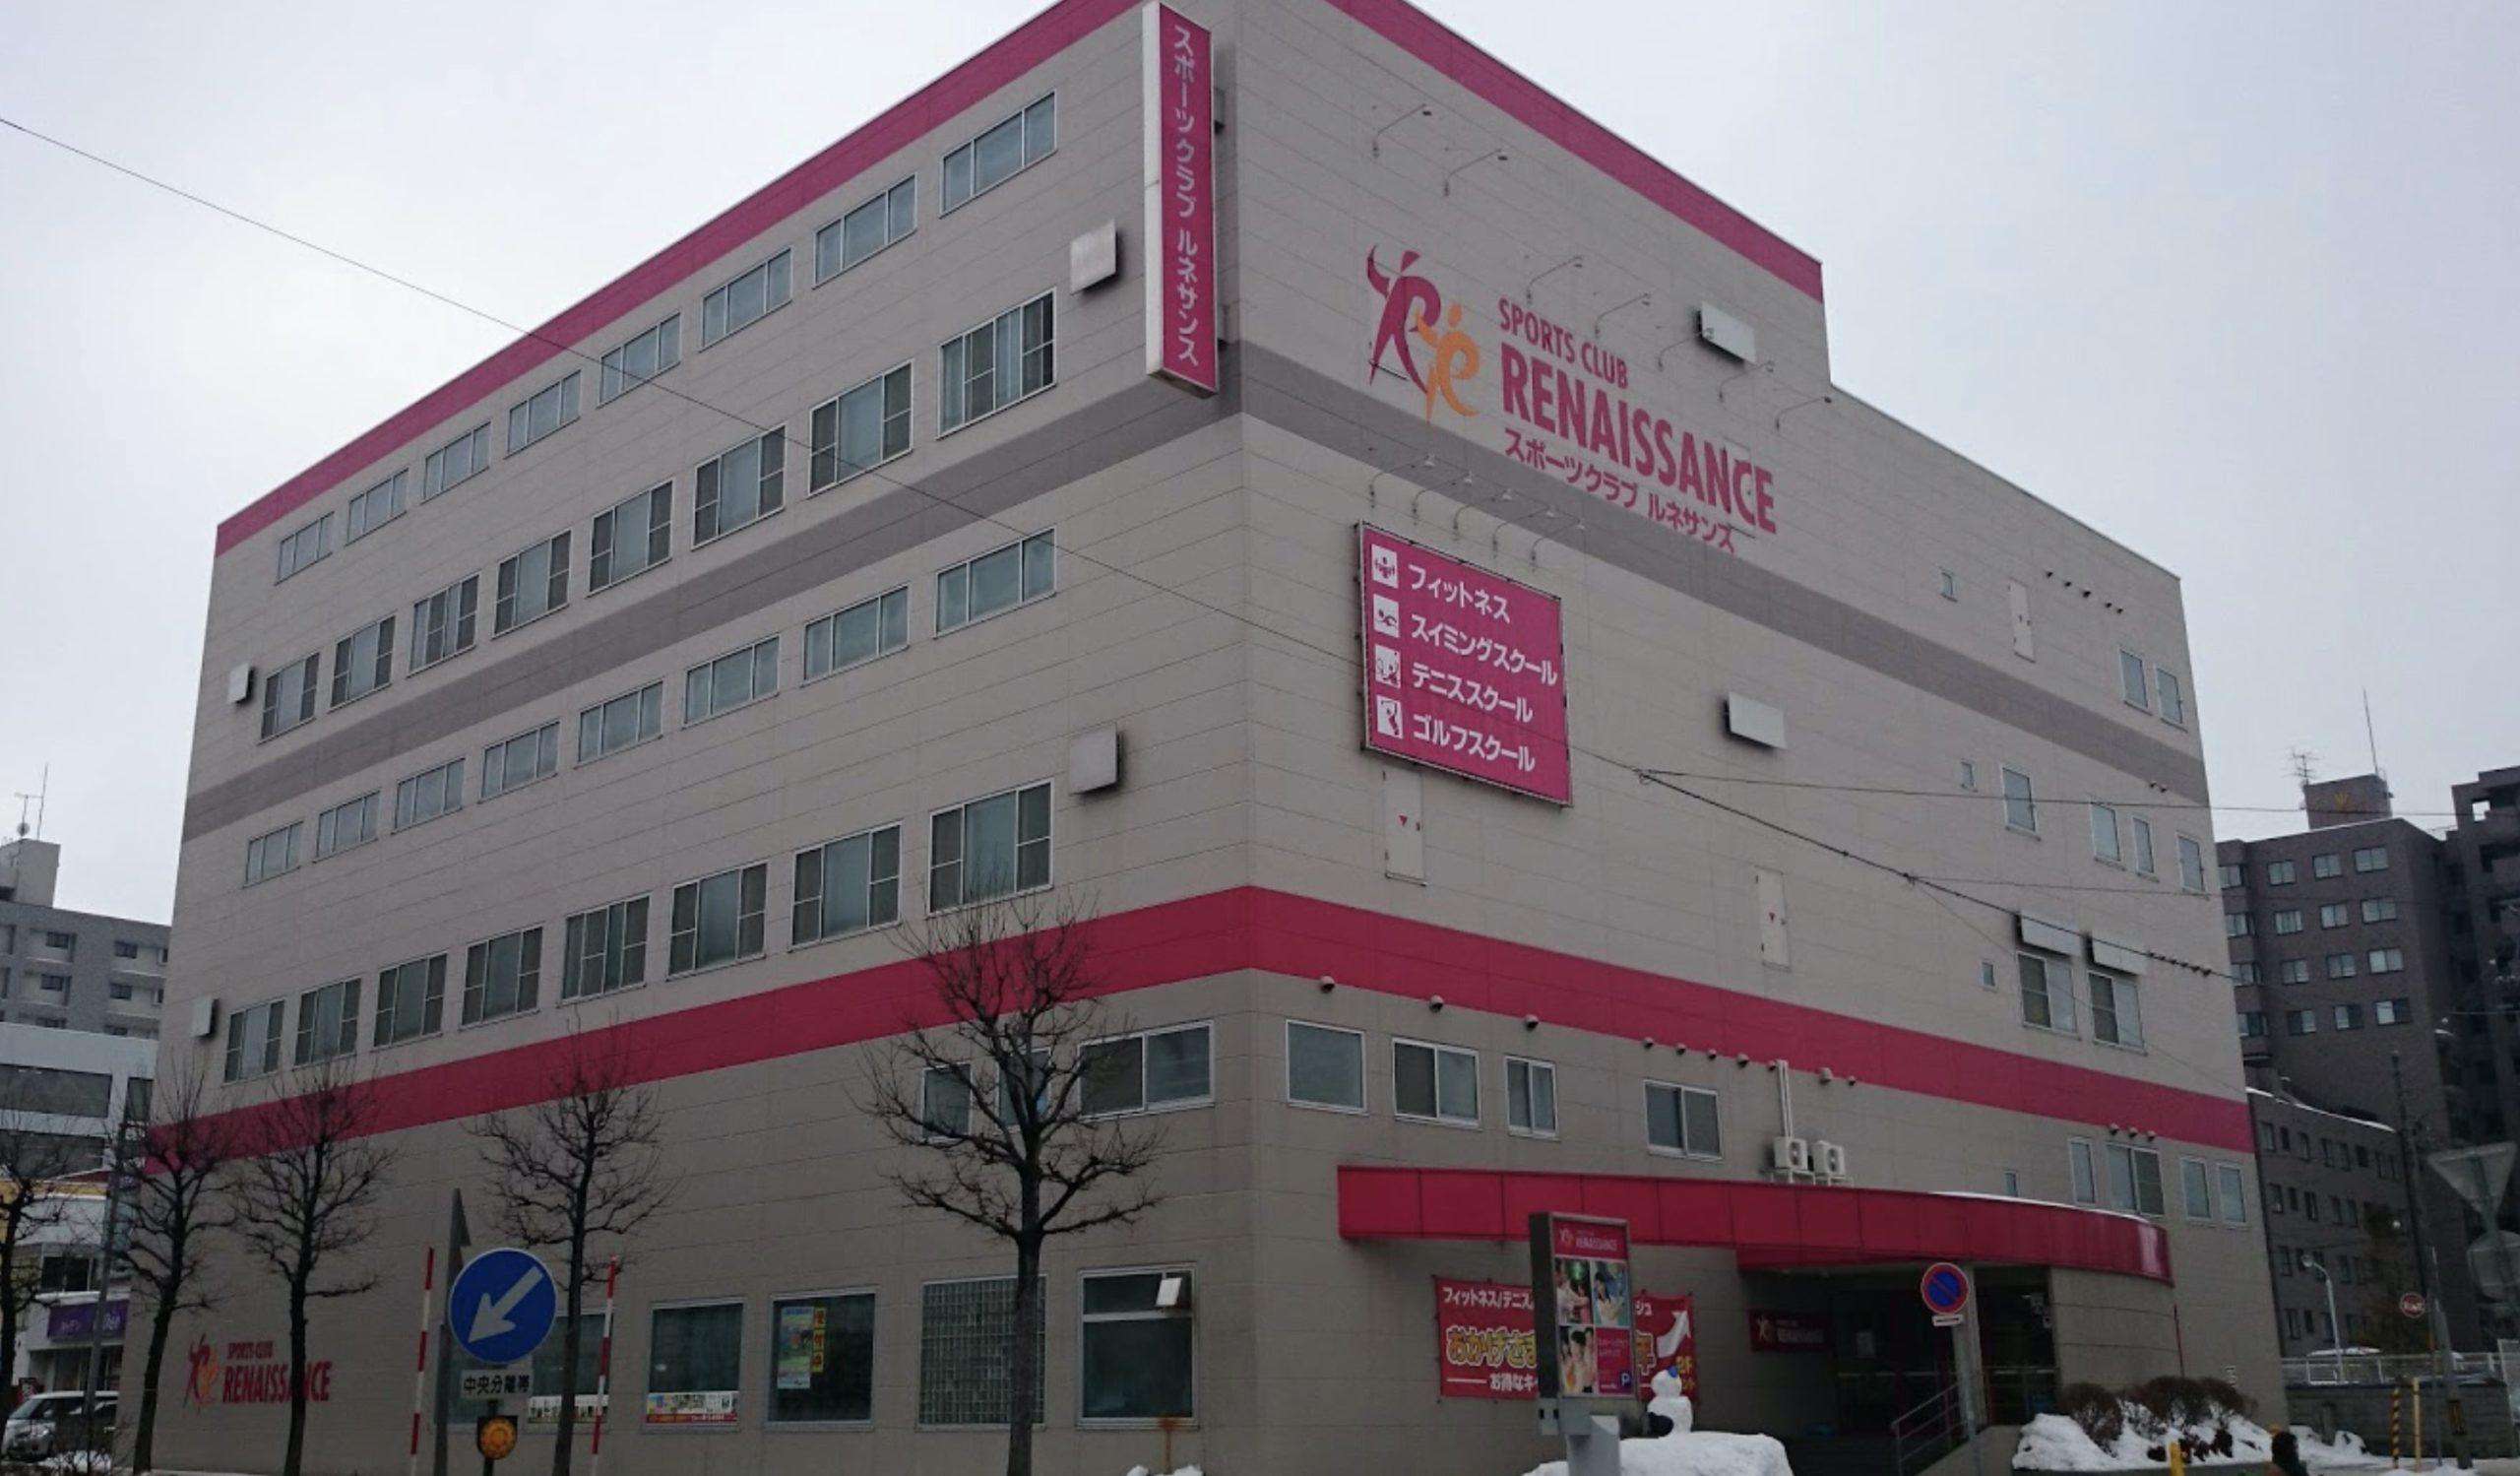 スポーツクラブルネサンス 平岸店